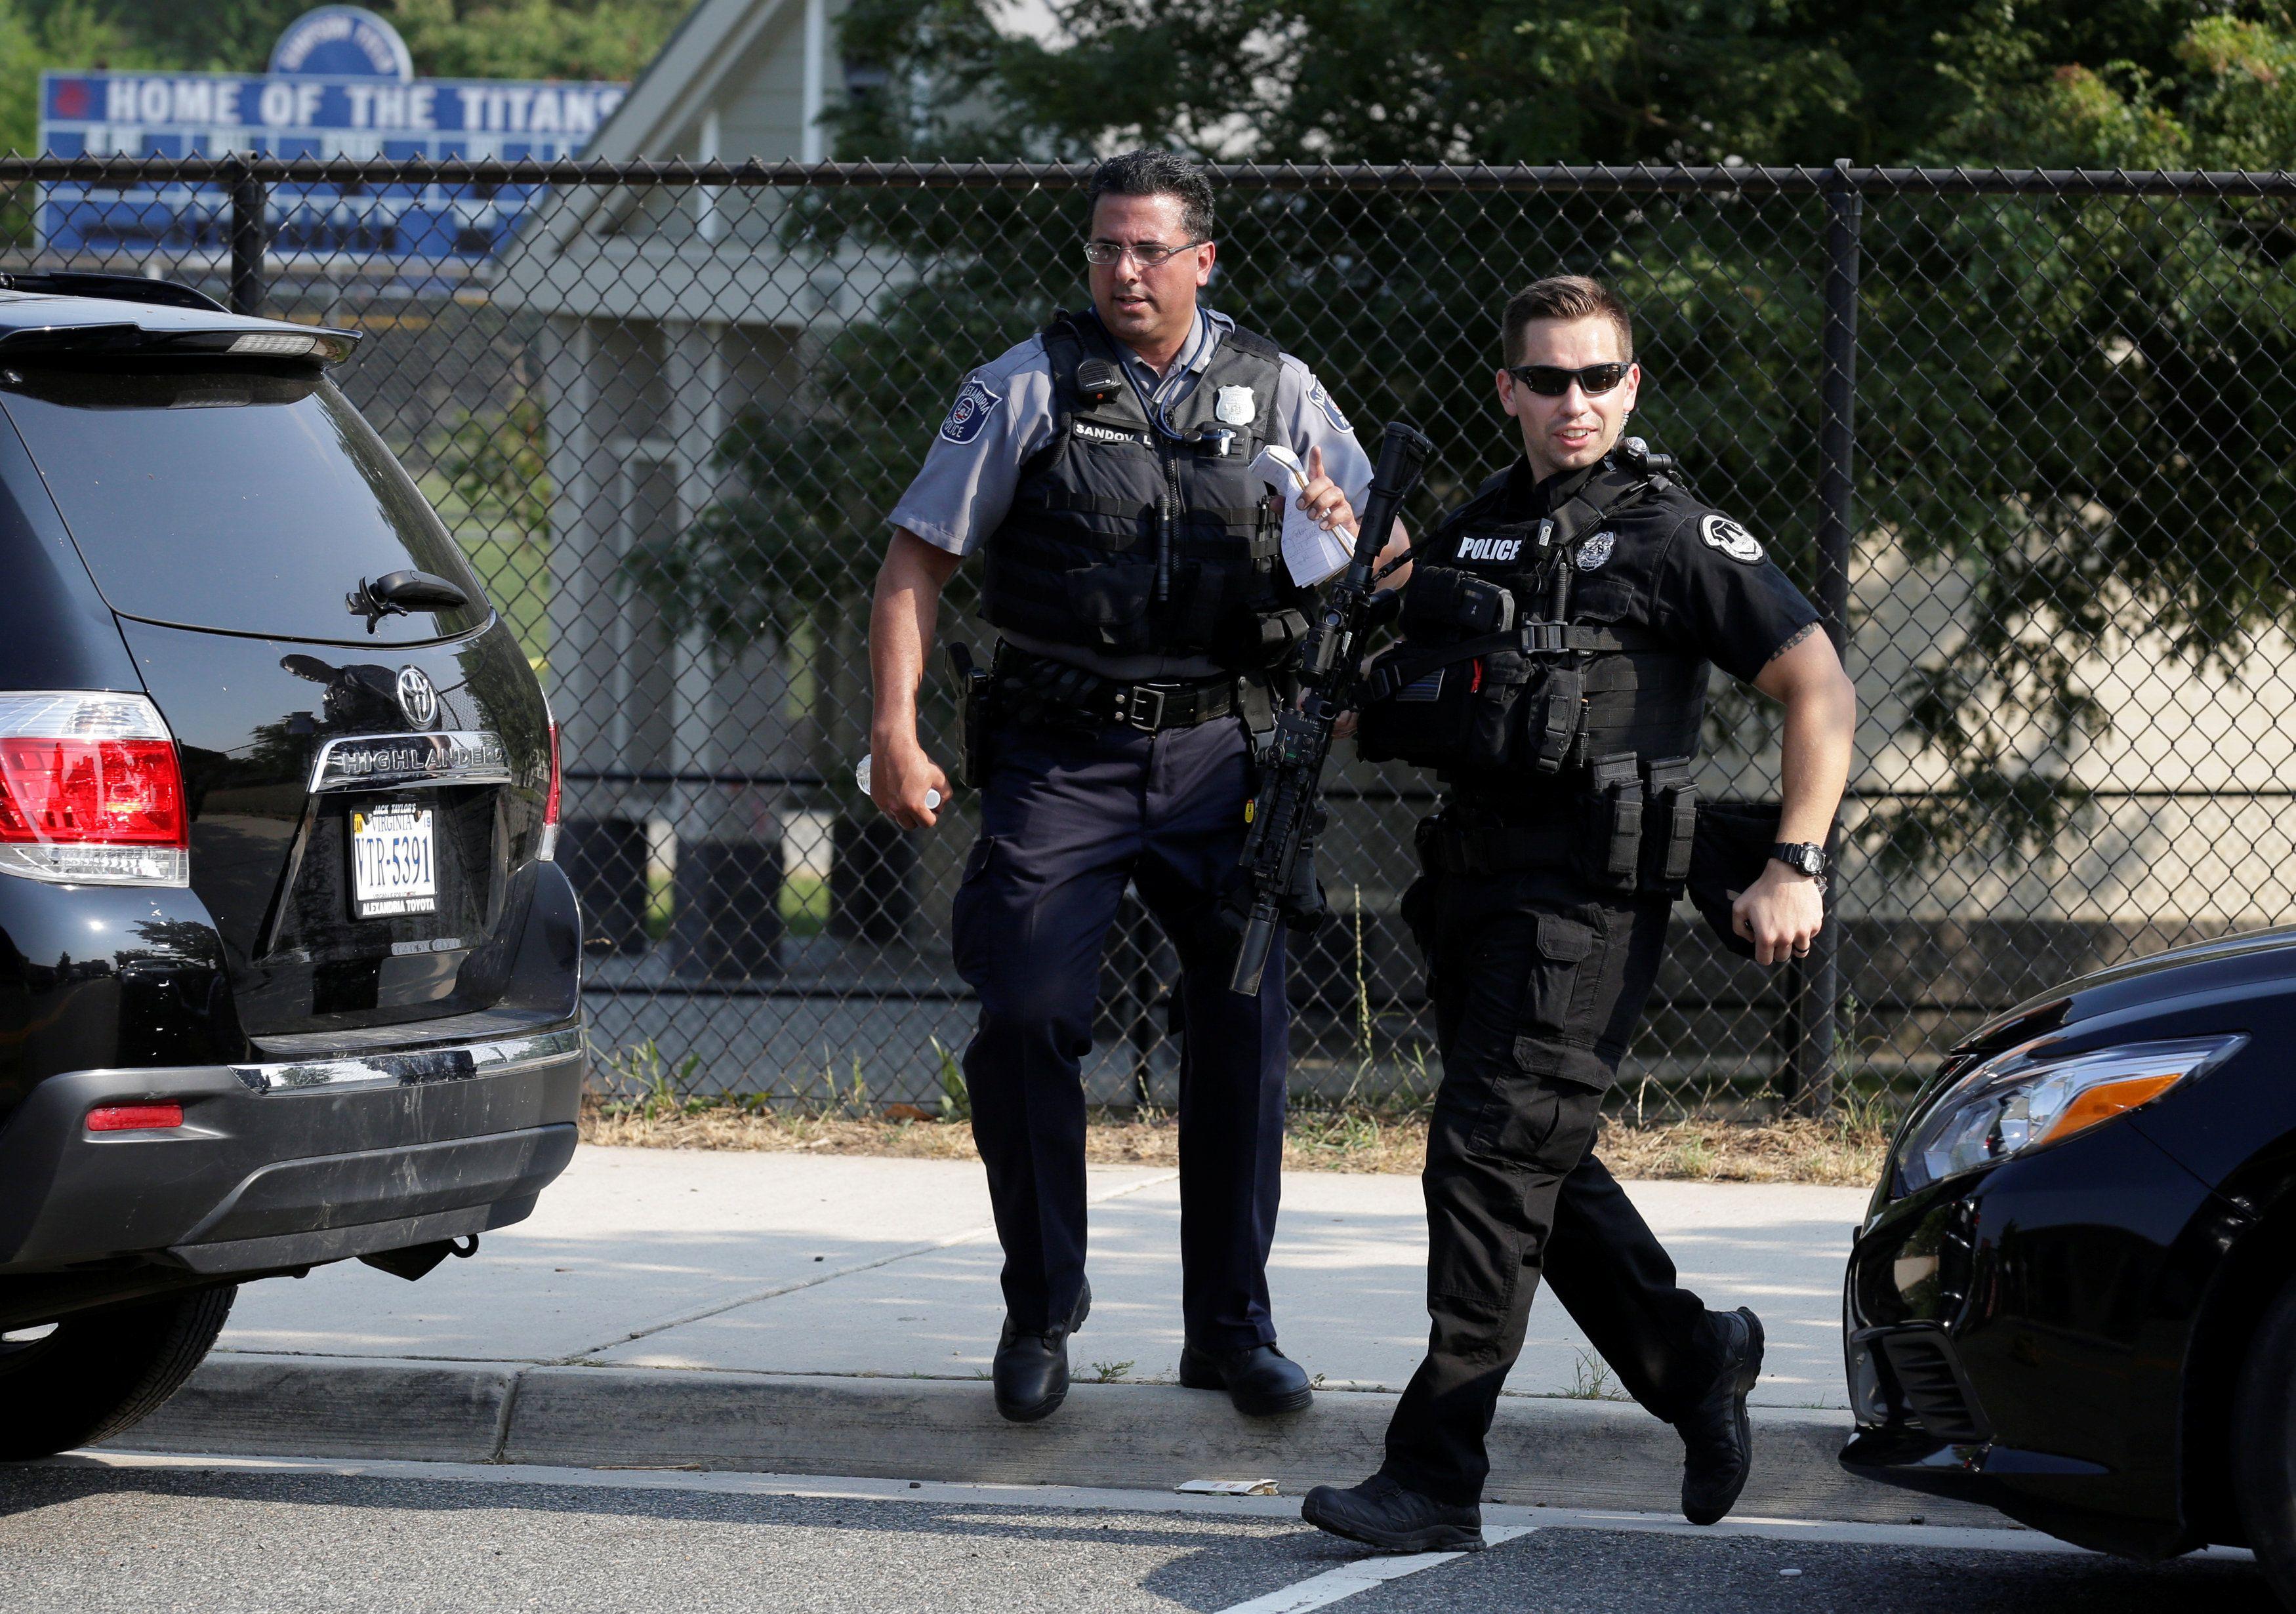 Нападавший на конгрессменов умер от полученных ранений